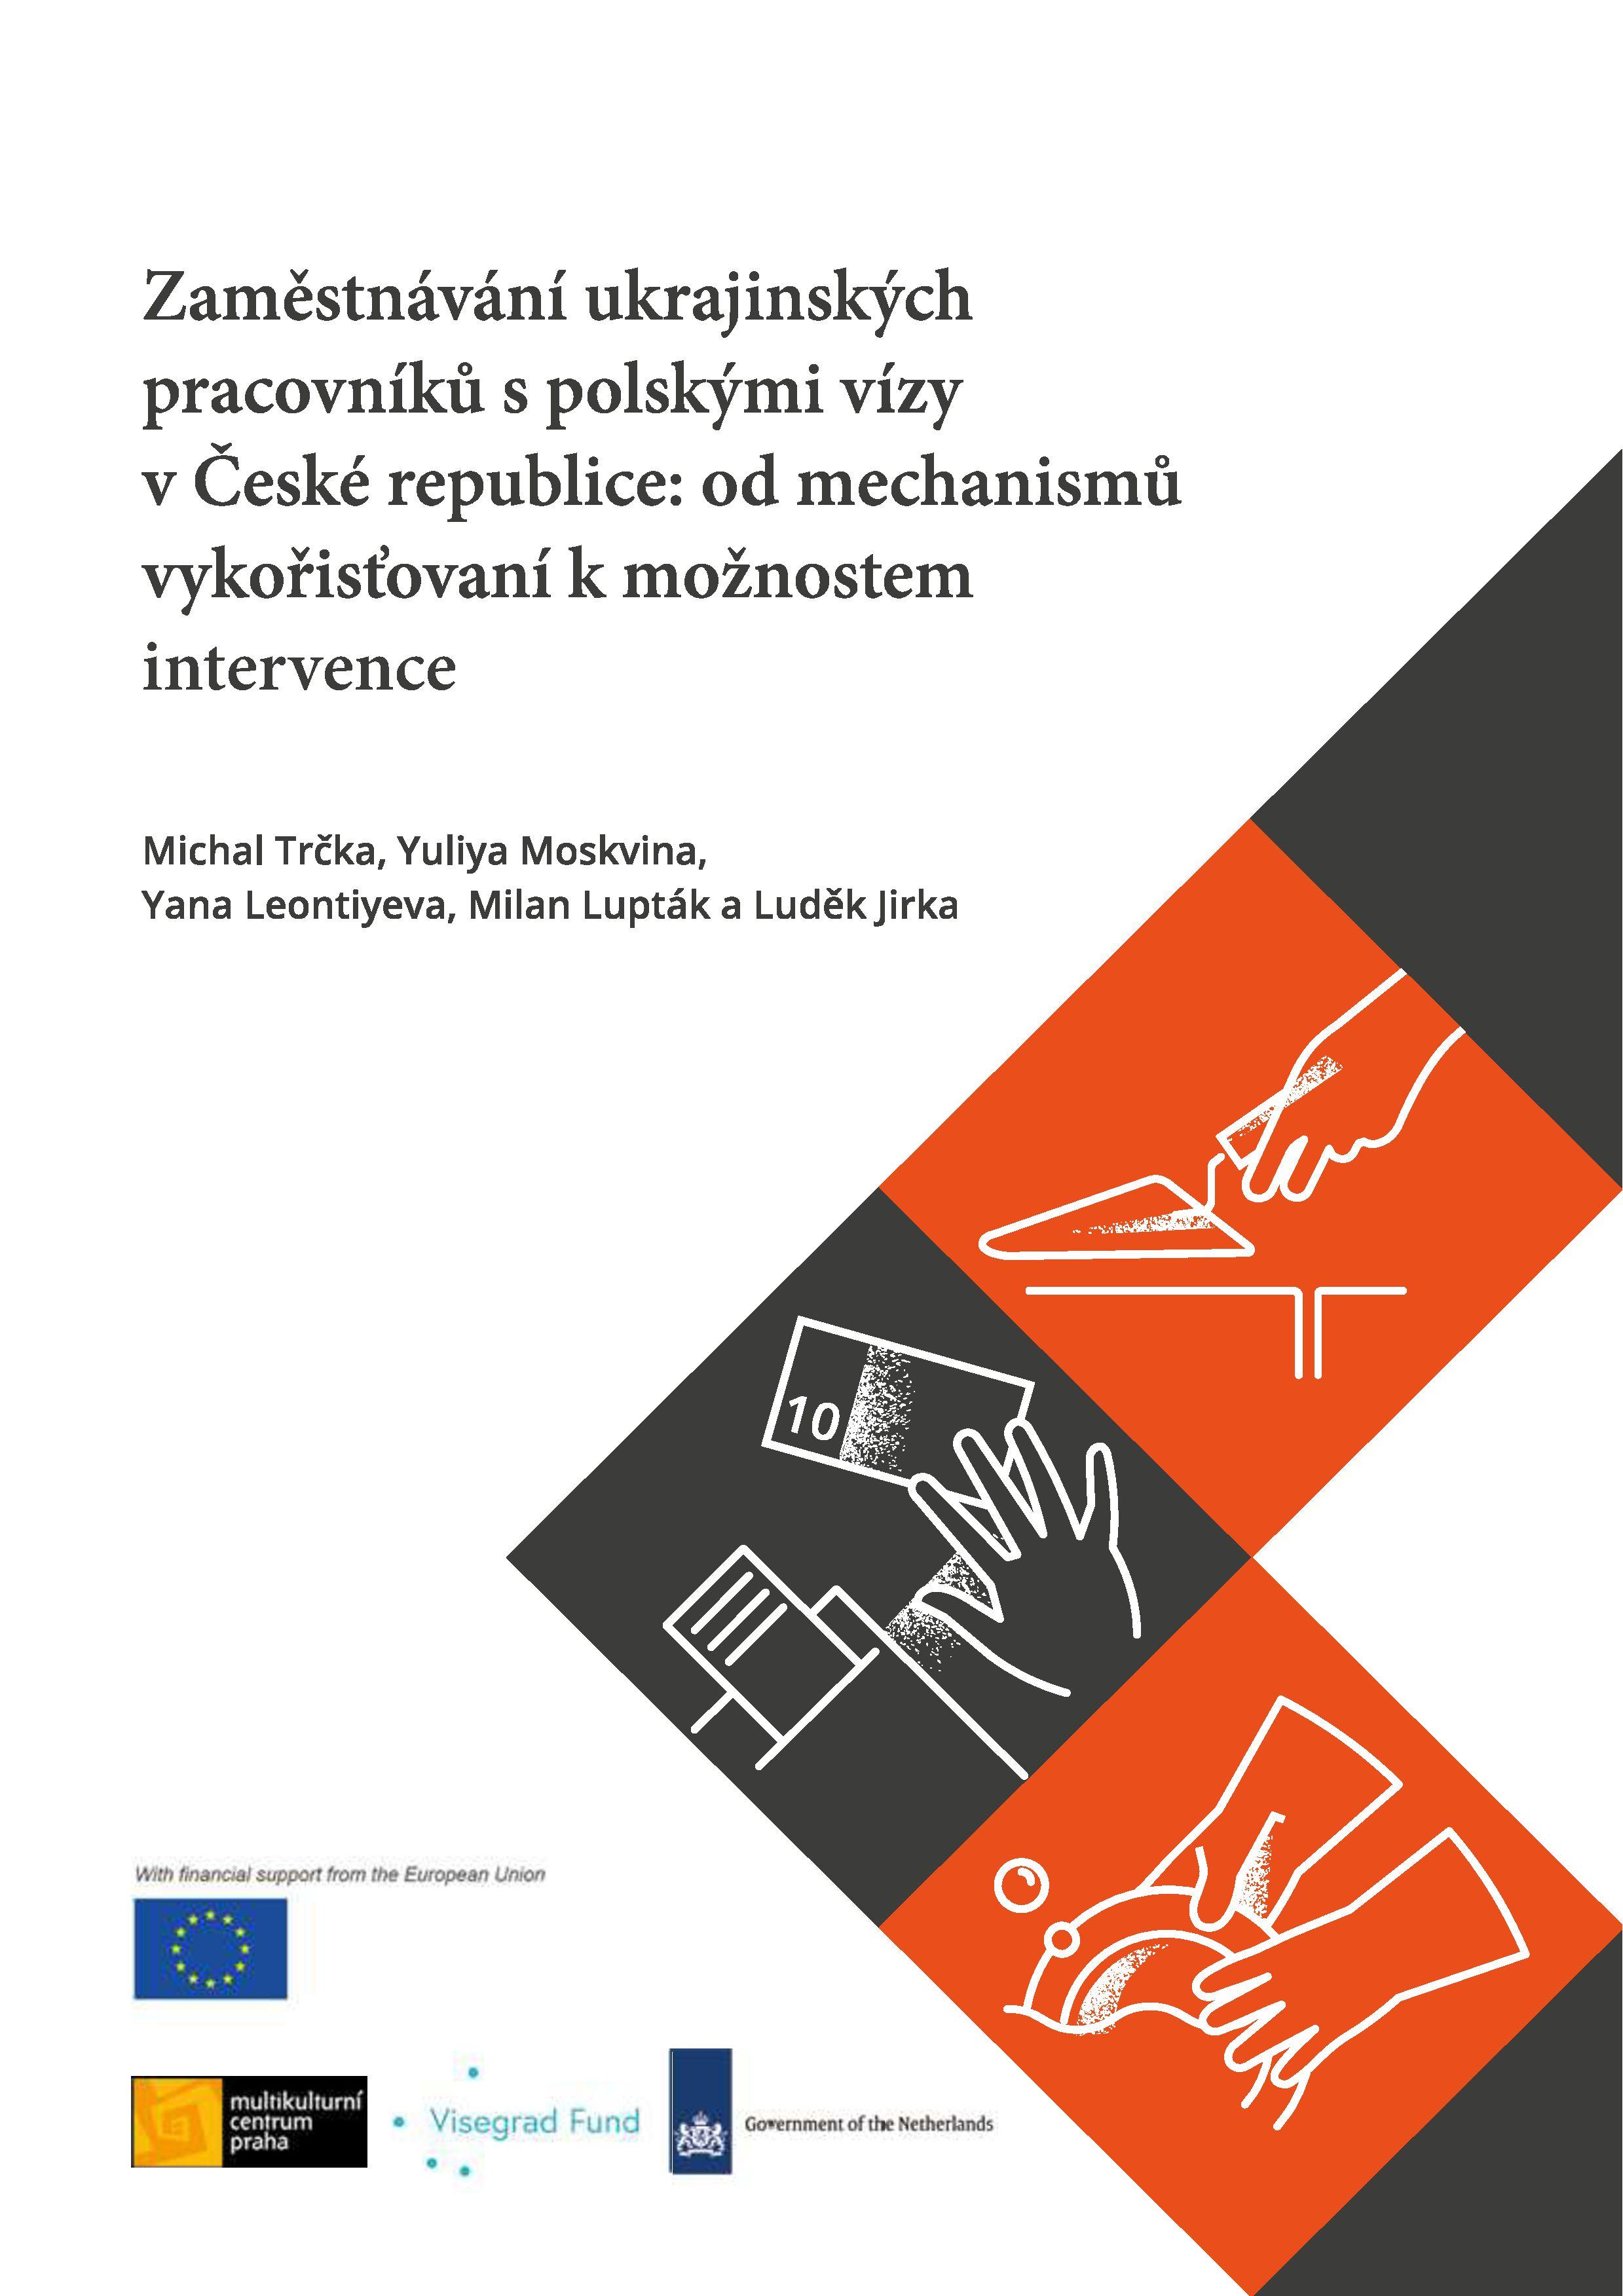 Publications by Yana Merichenko 81